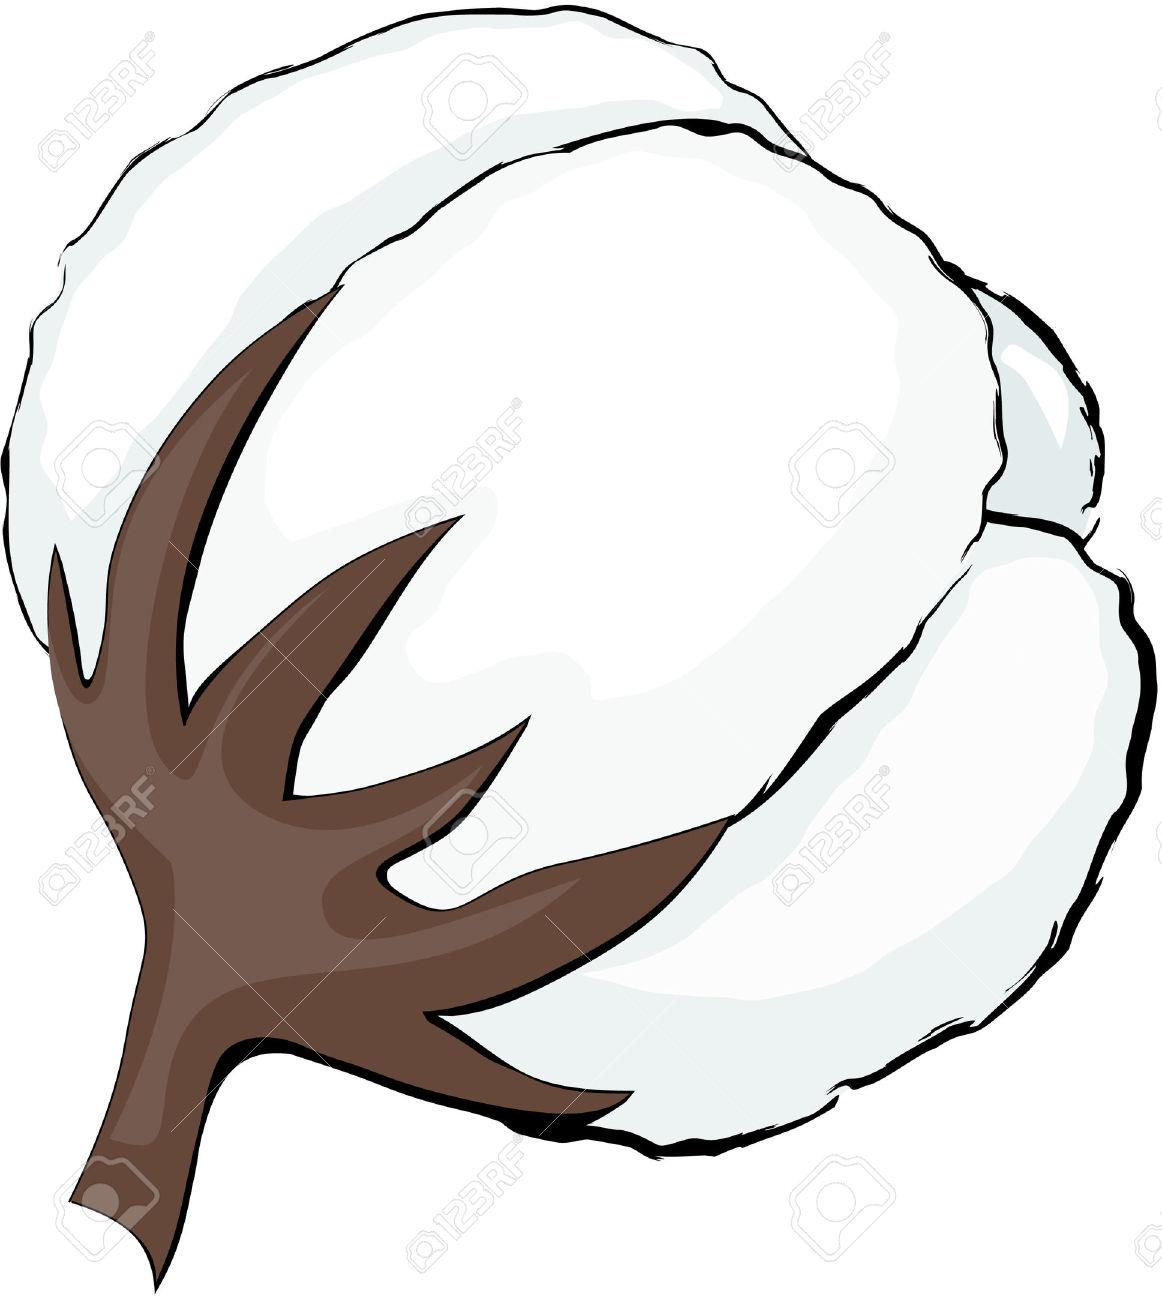 Cotton clipart  Clipart Cotton